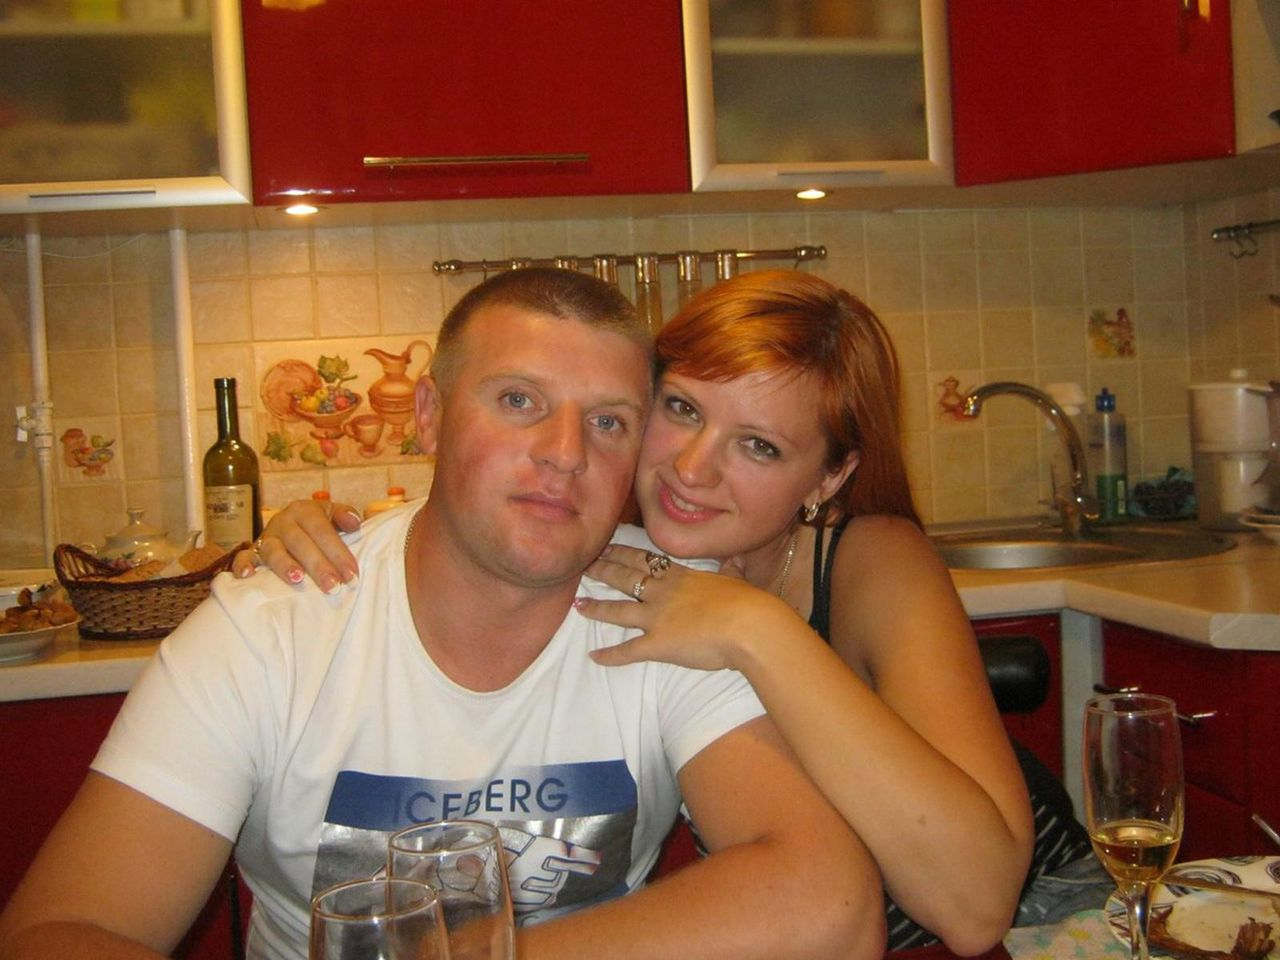 Семейная пара ищет любовника, Пары ищут мужчин в Краснодаре: объявления свинг 6 фотография